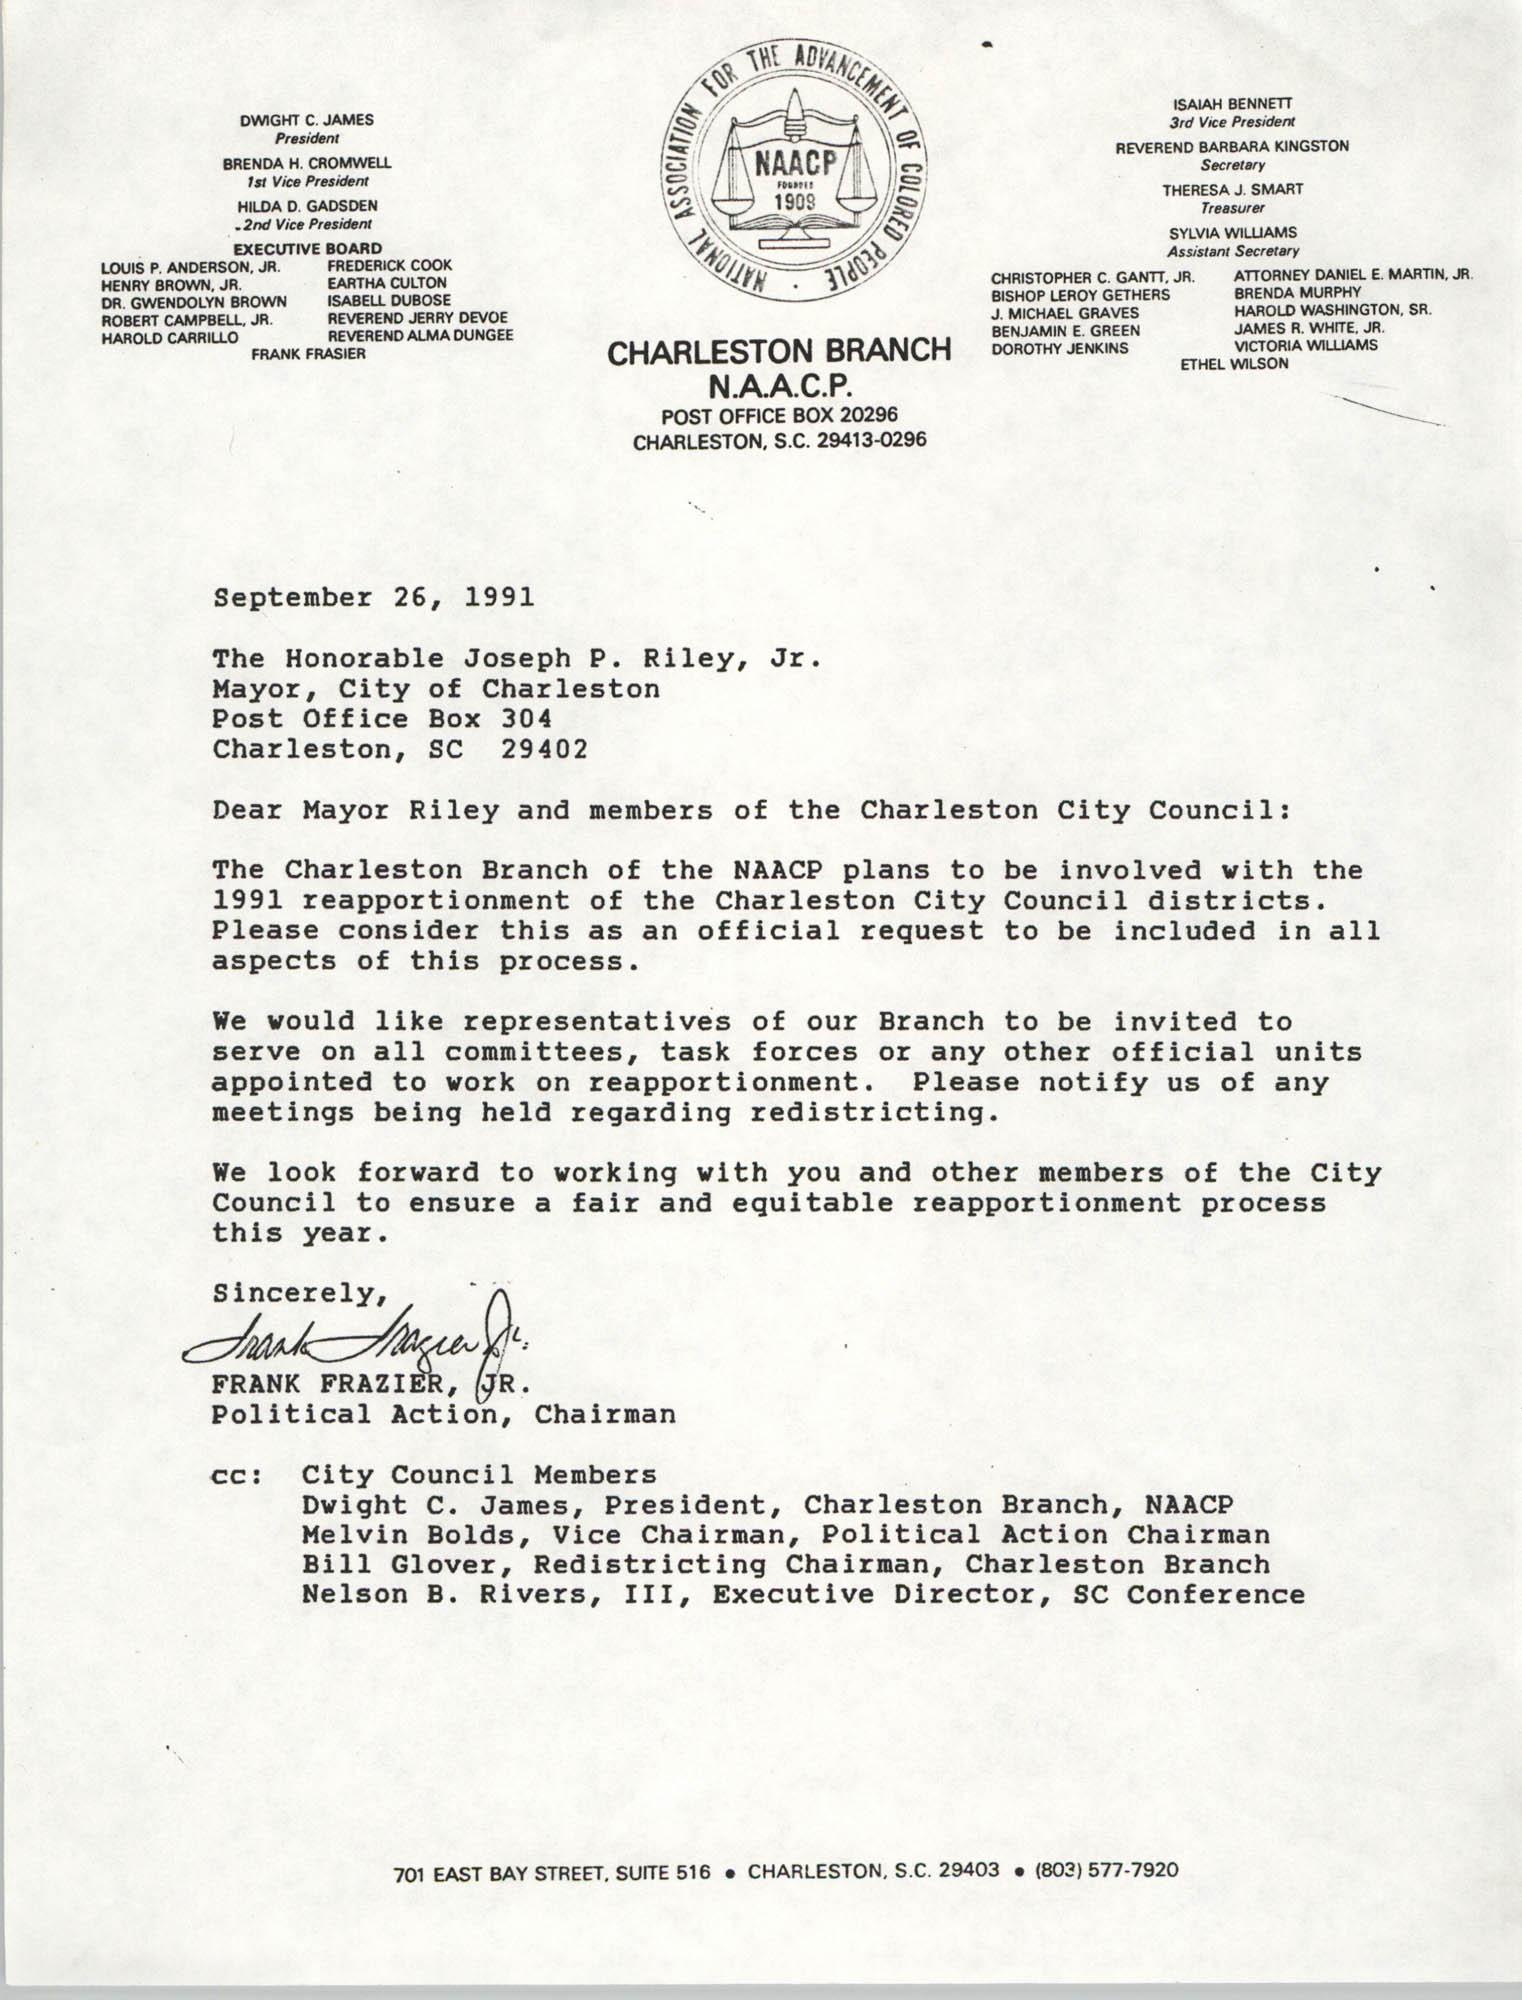 Letter from Frank Frazier, Jr. to Joseph P. Riley, Jr., September 26, 1991